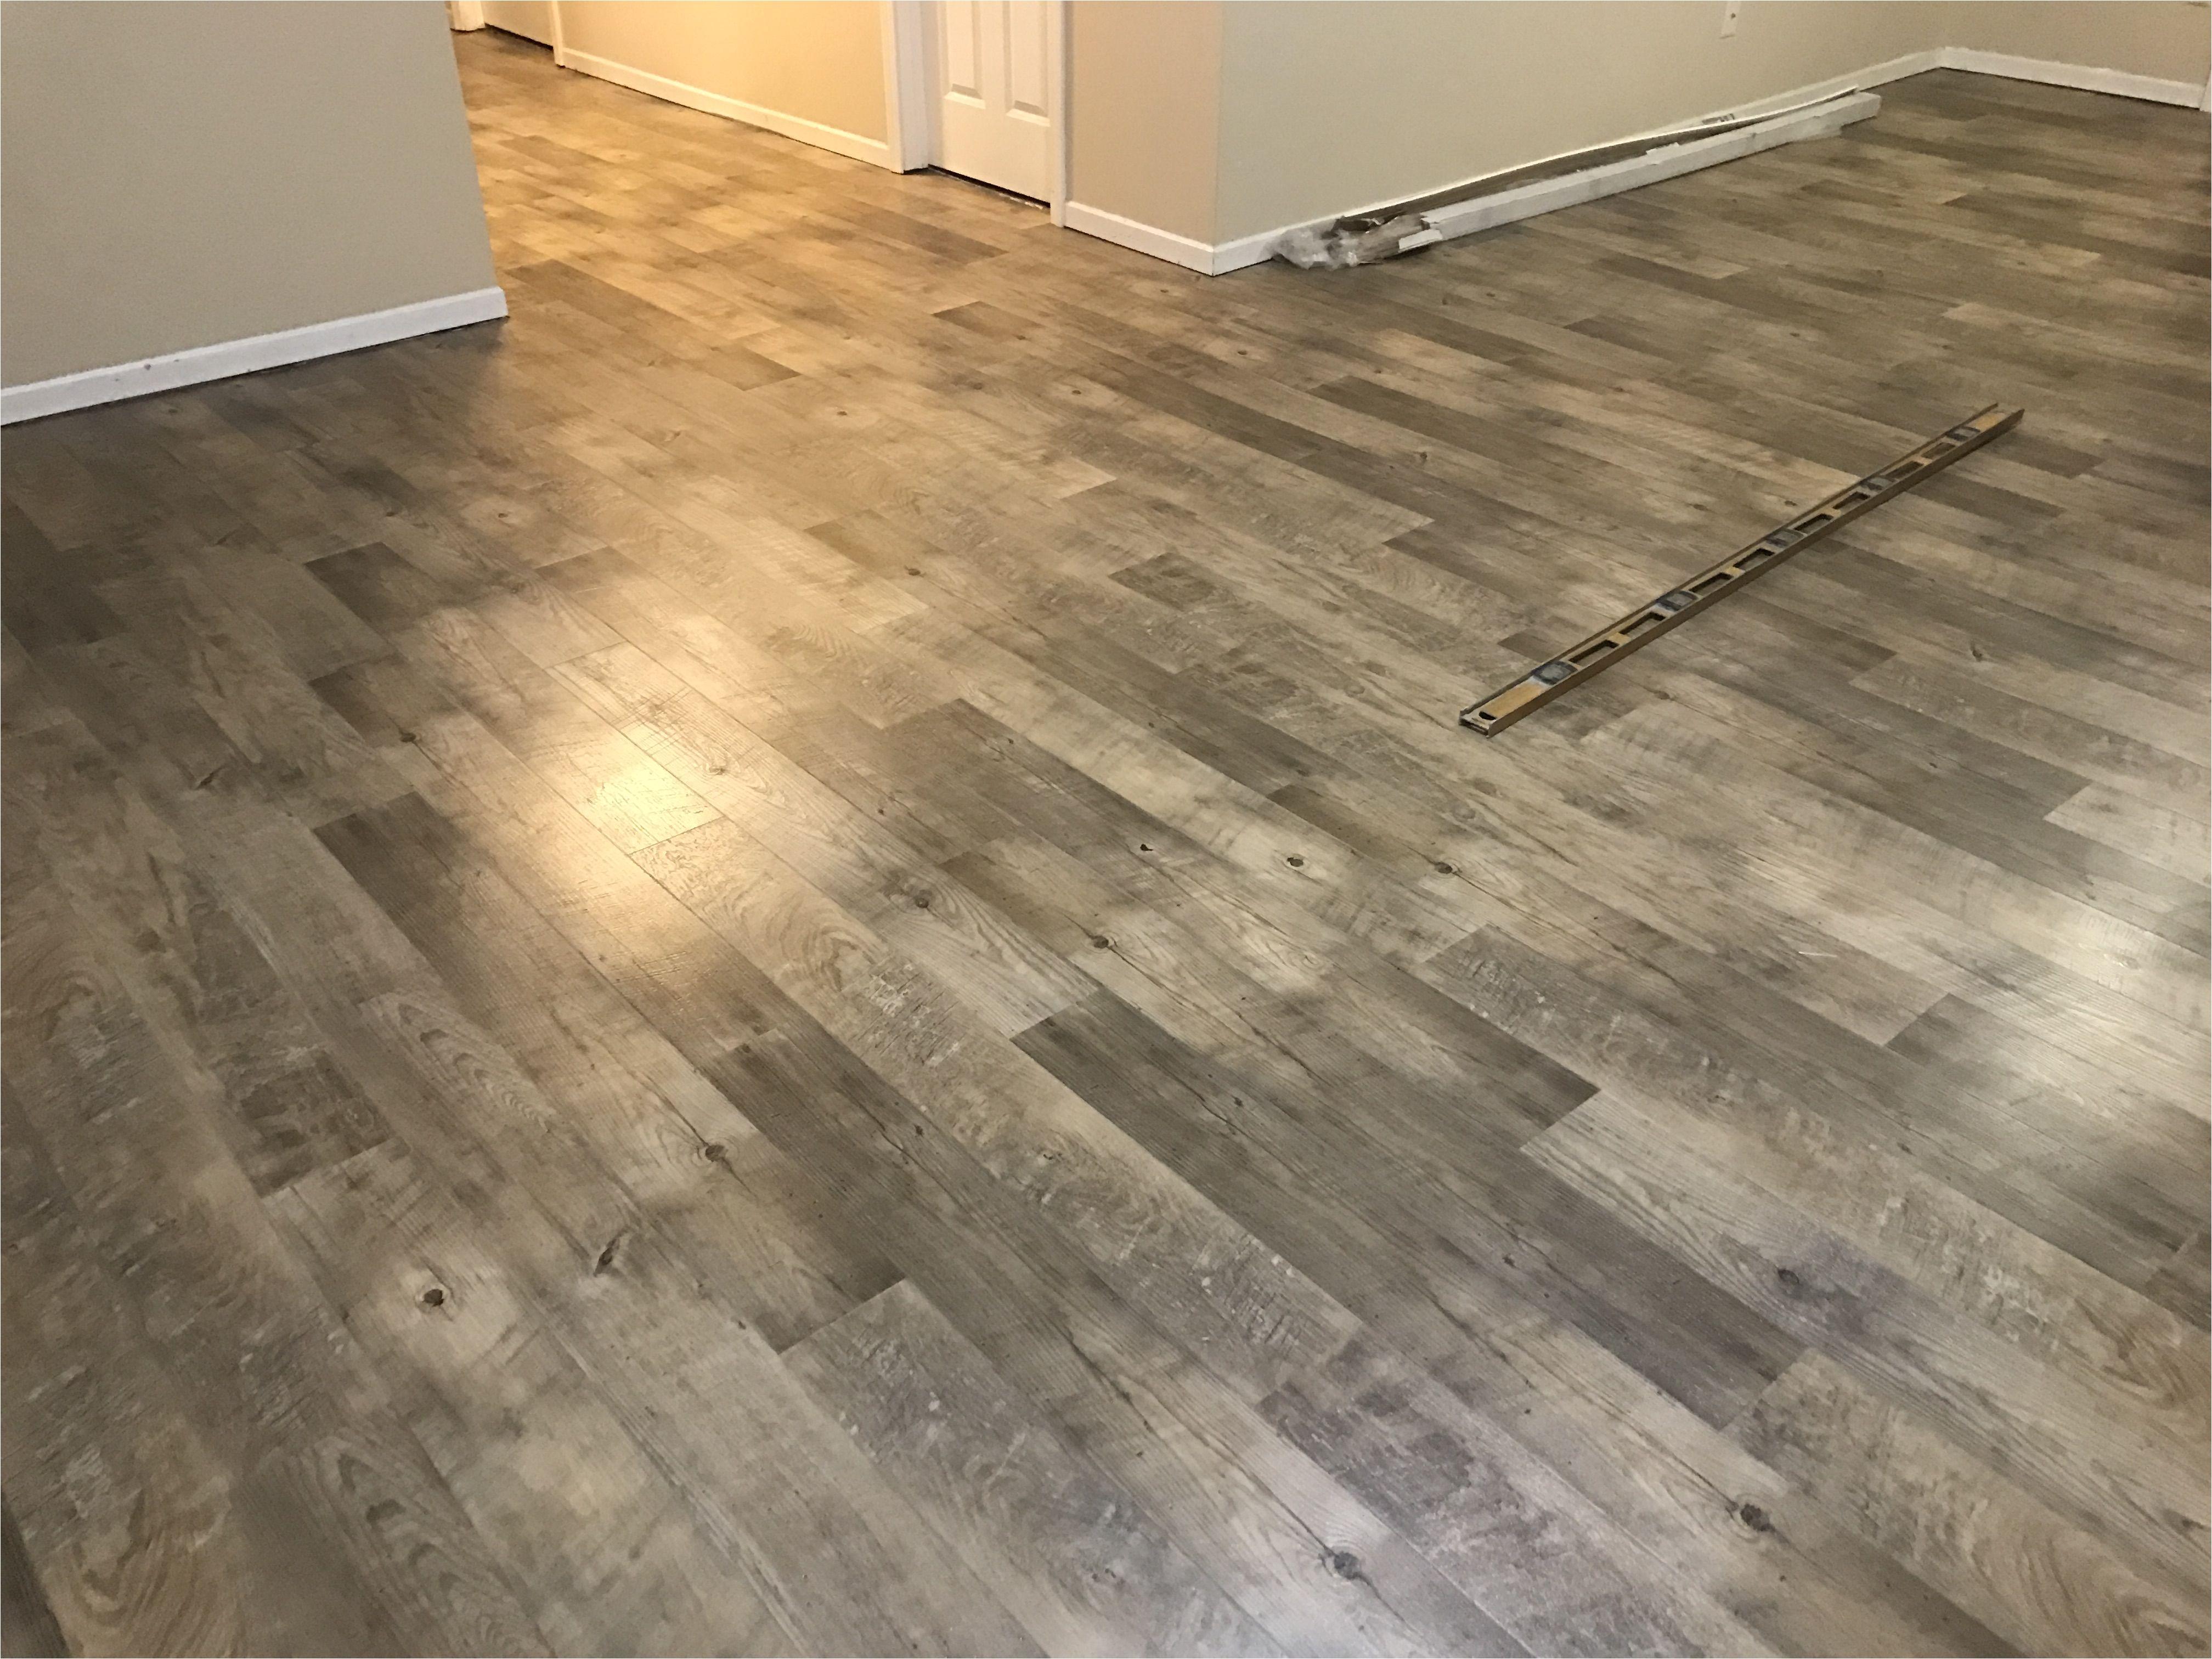 Waterproof Stick Down Flooring Weathered Pine Vinyl Floors Pinterest Luxury Vinyl Plank